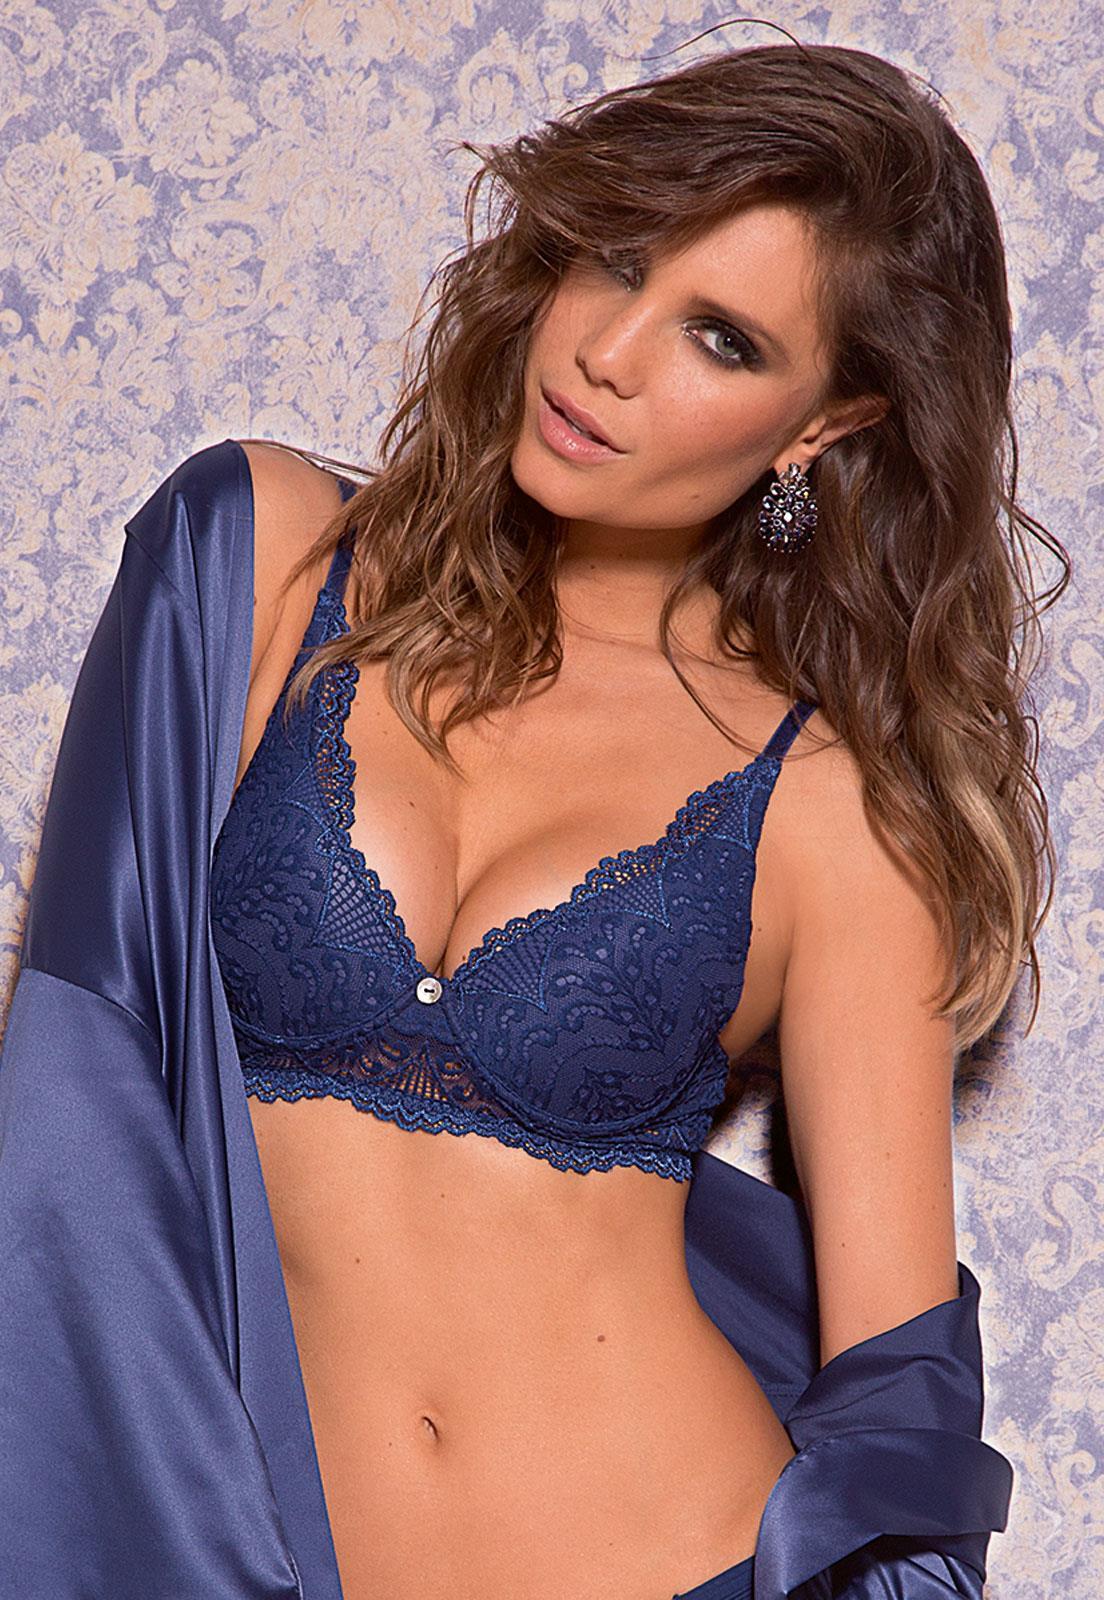 da18cc647 Sutiã de Luxo Push Up em Renda Blue Jeans De Chelles- Le Lingerie